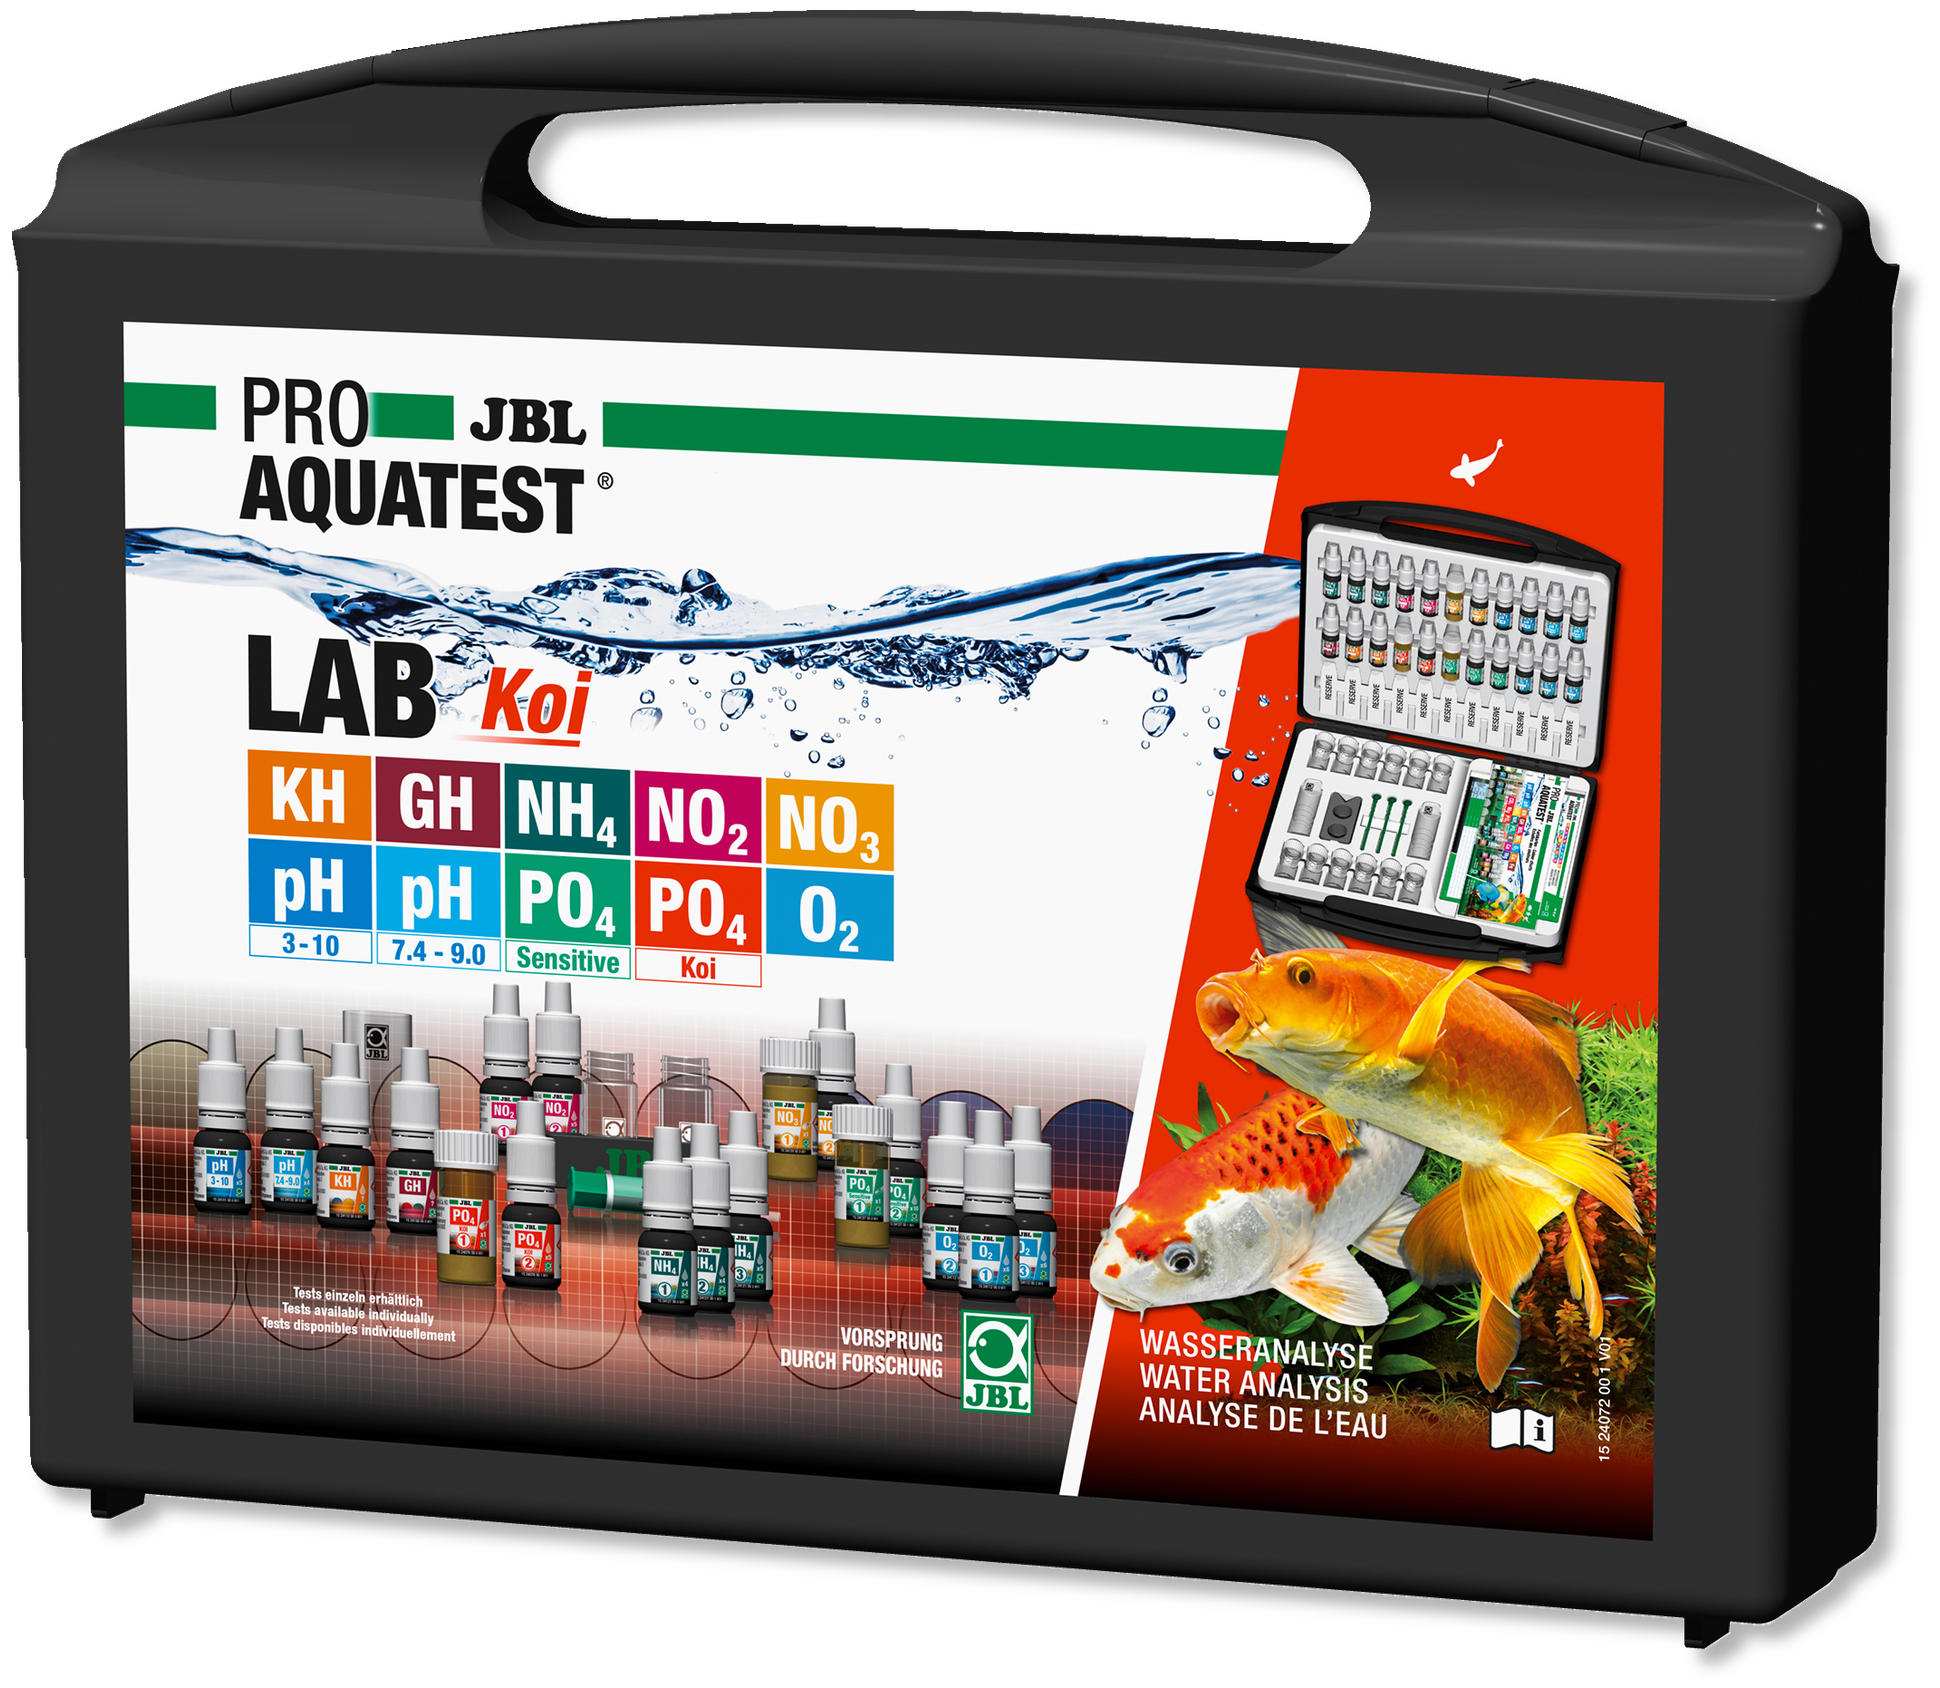 JBL PROAQUATEST LAB Koi ( 10 Tests )